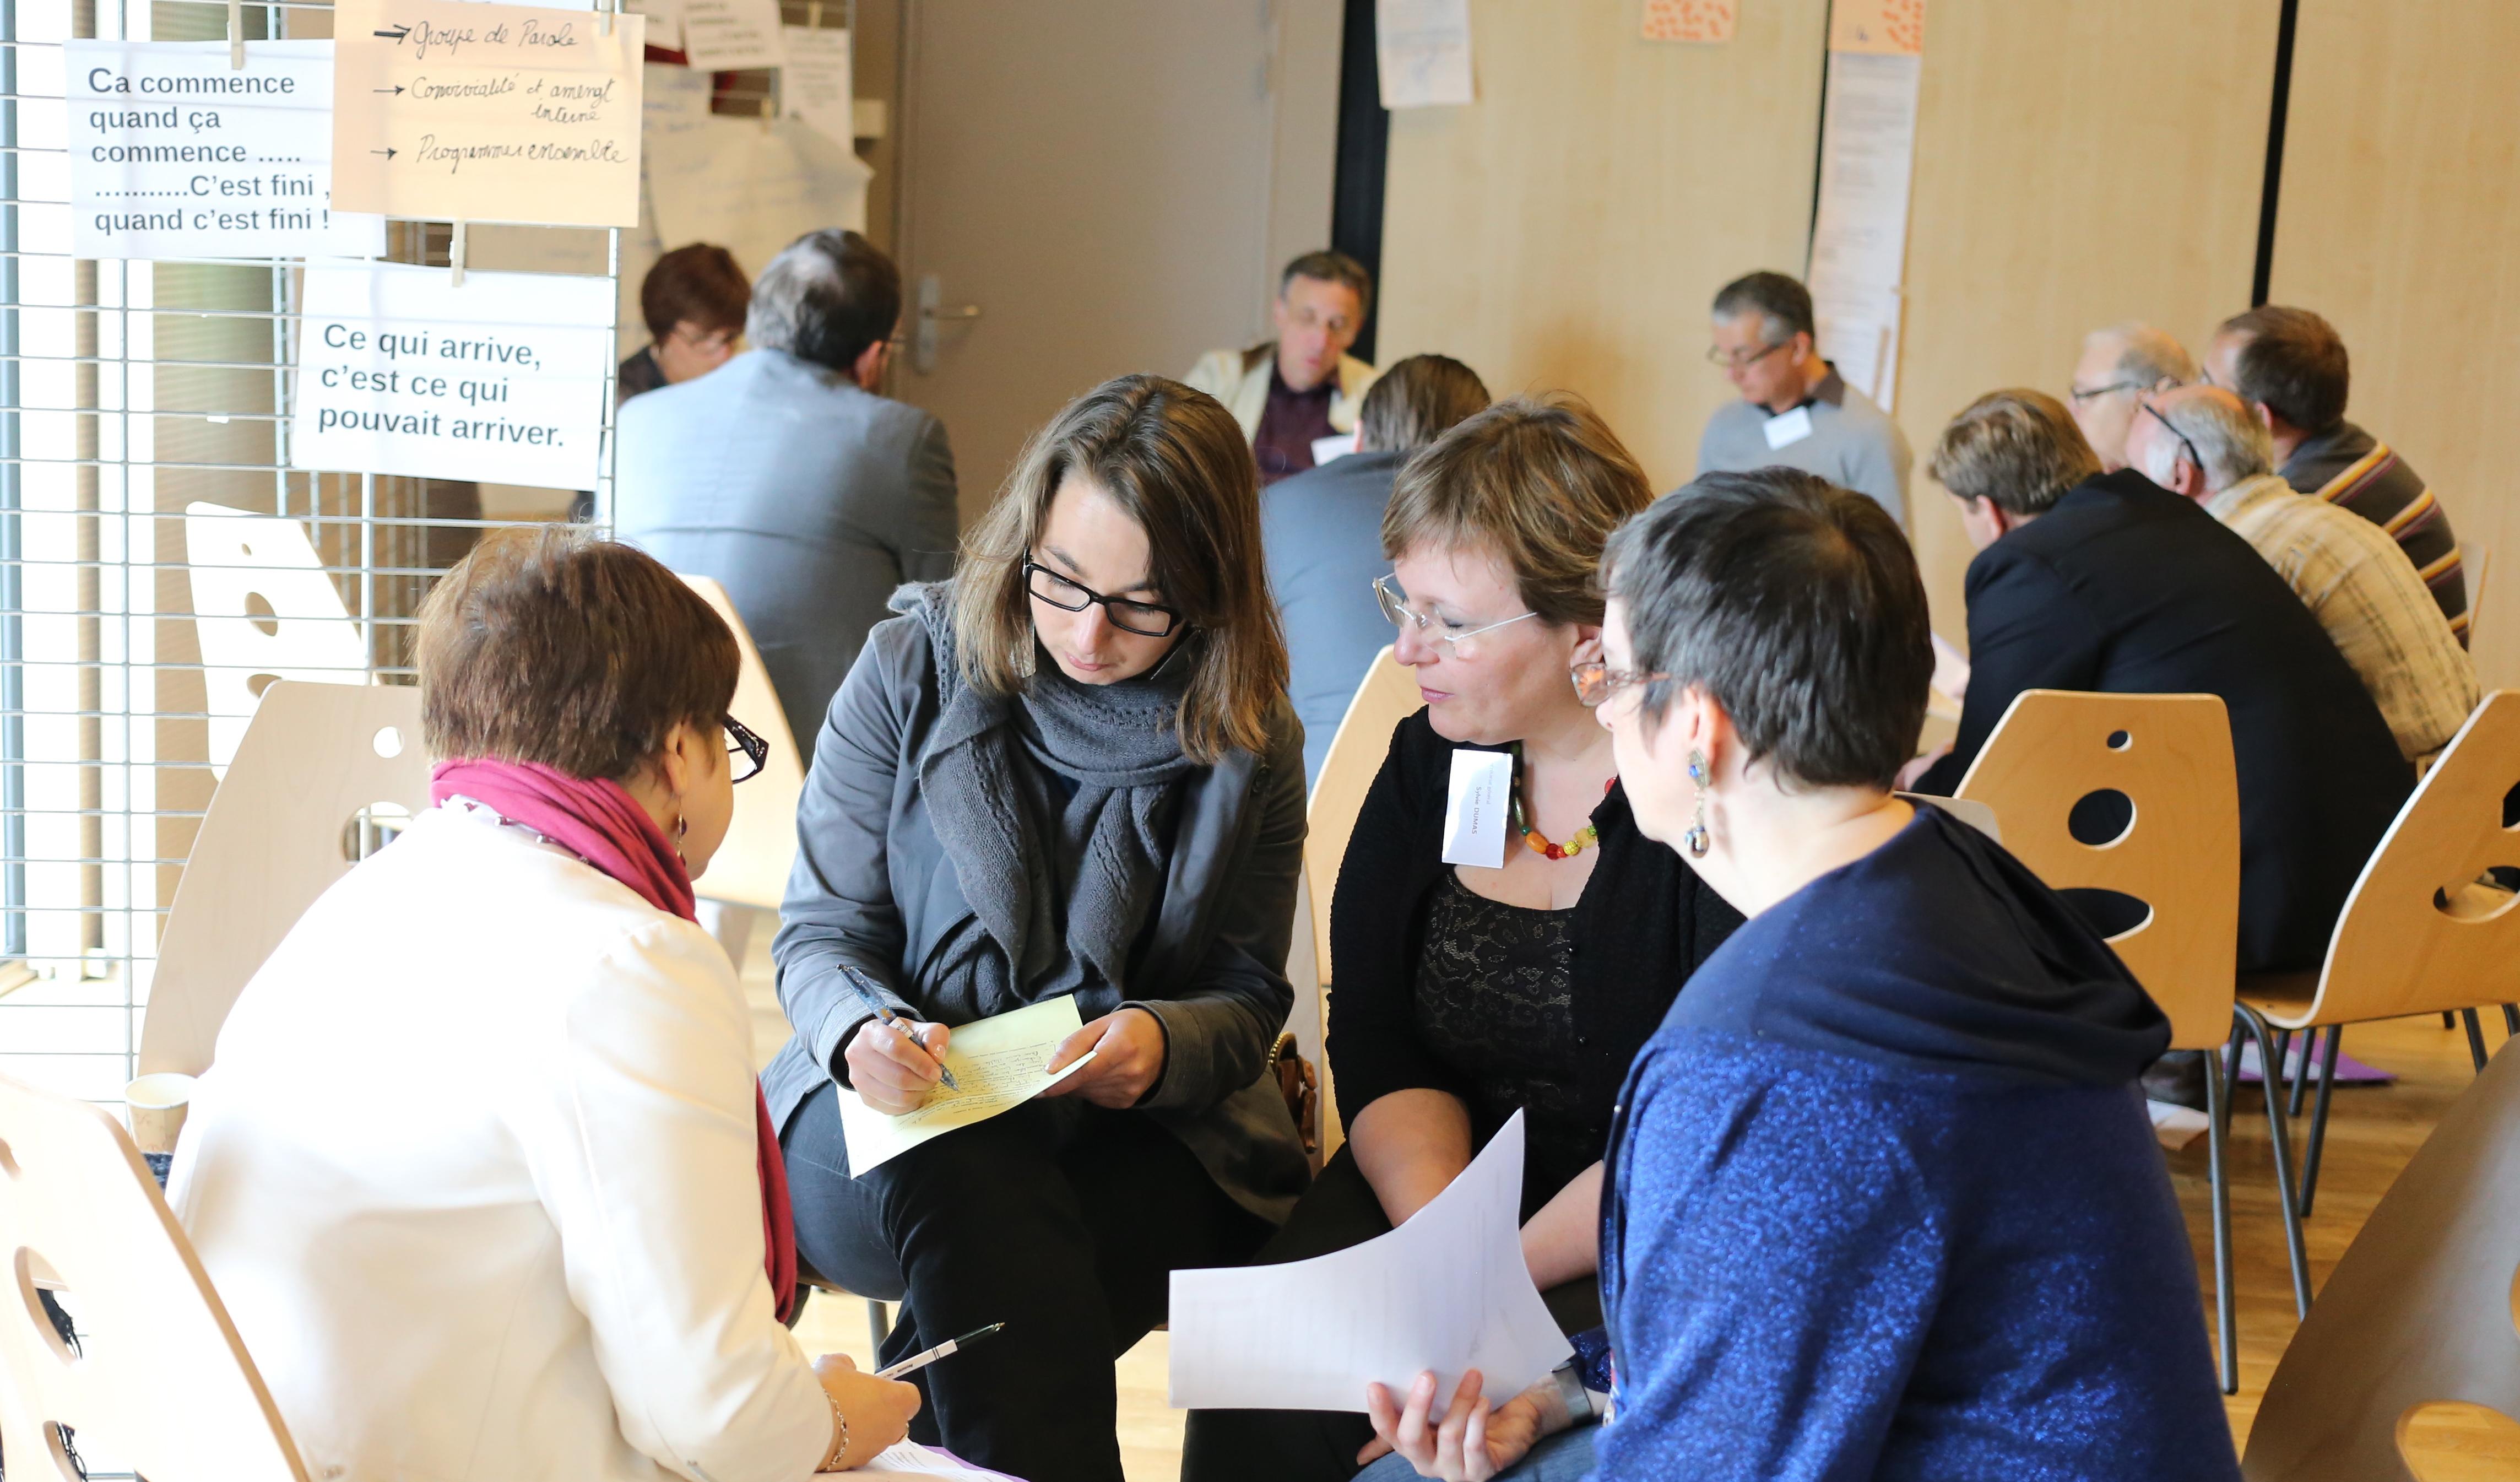 Forum Ouvert : L'Epanouissement  de chacun comme moteur de notre réussite collective